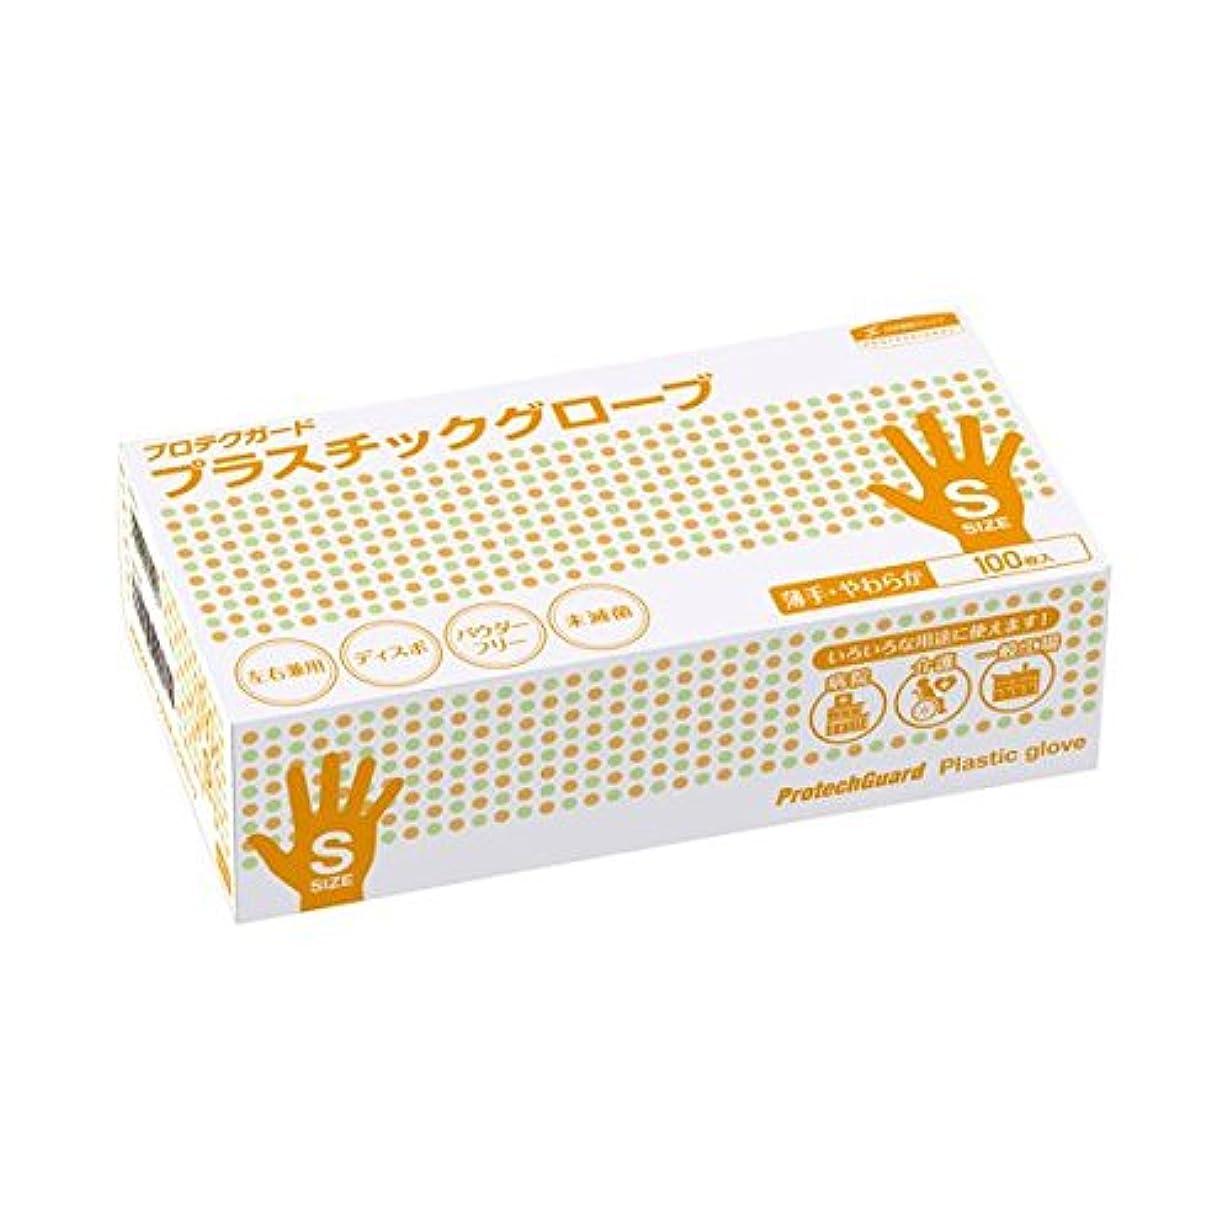 エスカレータータイプ聴覚(業務用20セット) 日本製紙クレシア プロテクガード プラスチックグローブS